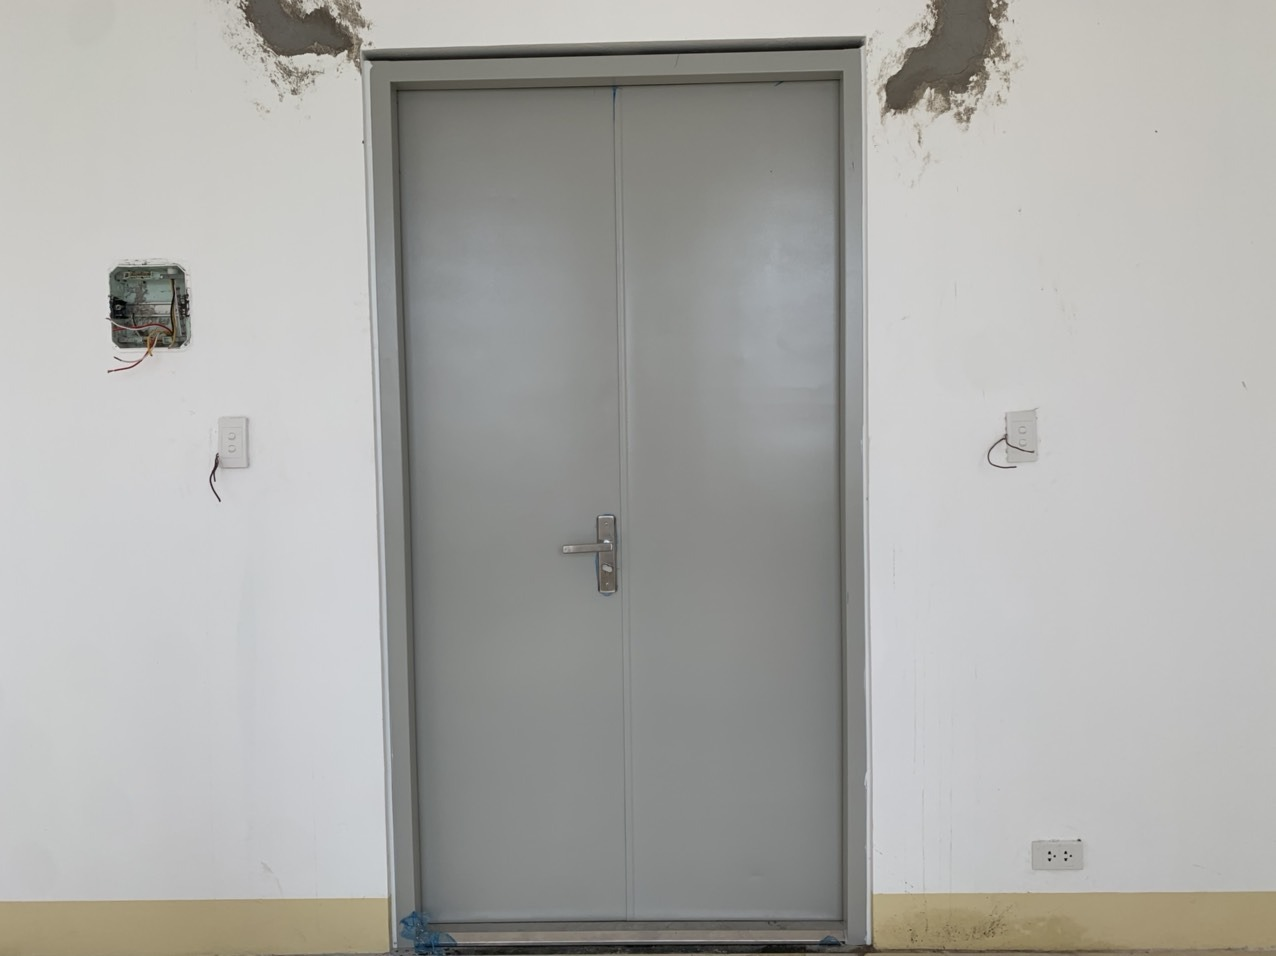 Lý do các tòa nhà, chung cư cần lắp cửa chống cháy?